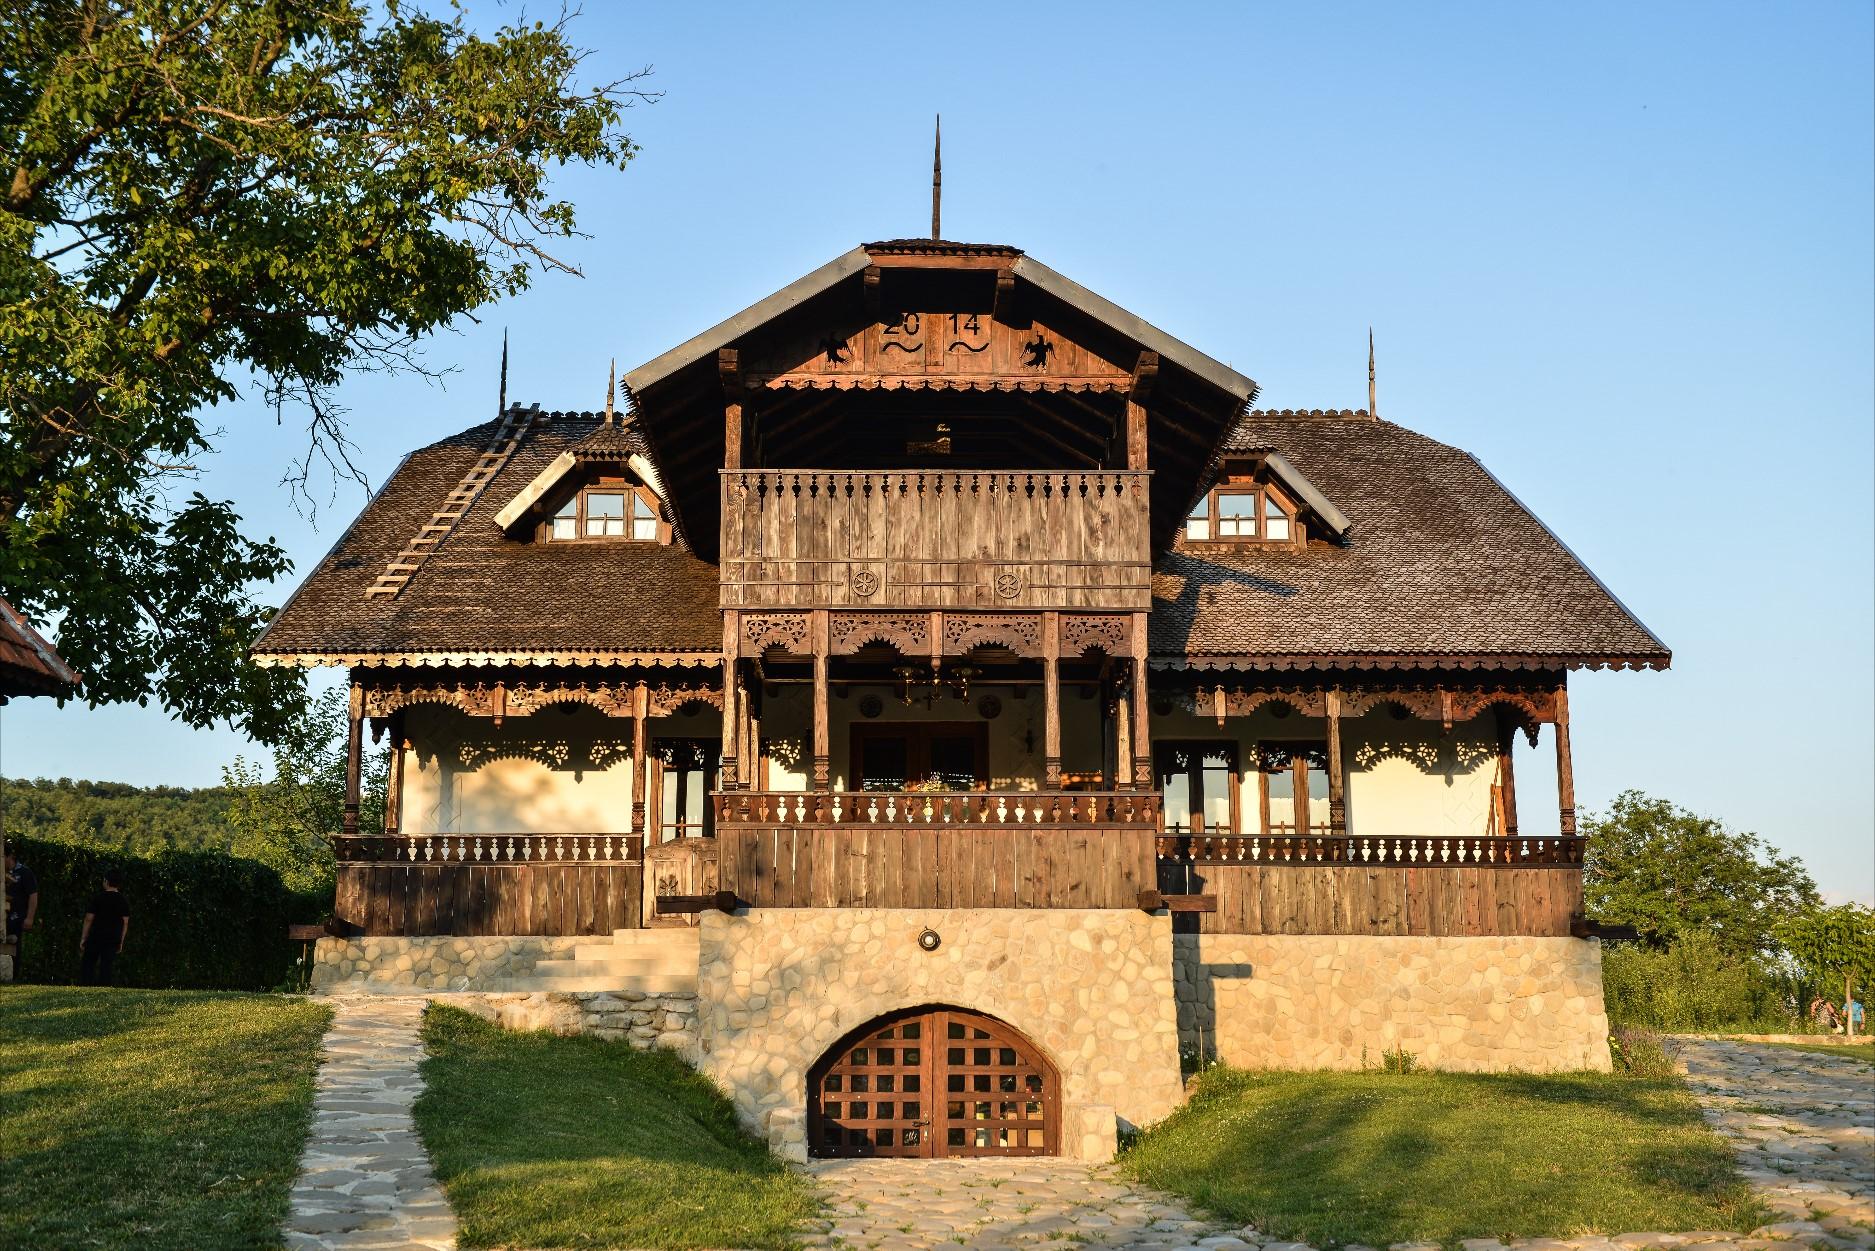 În 2012, familia Dobre a început construcția la prima casă din gospodărie, realizată exact după tehnicile arhitecturale vechi